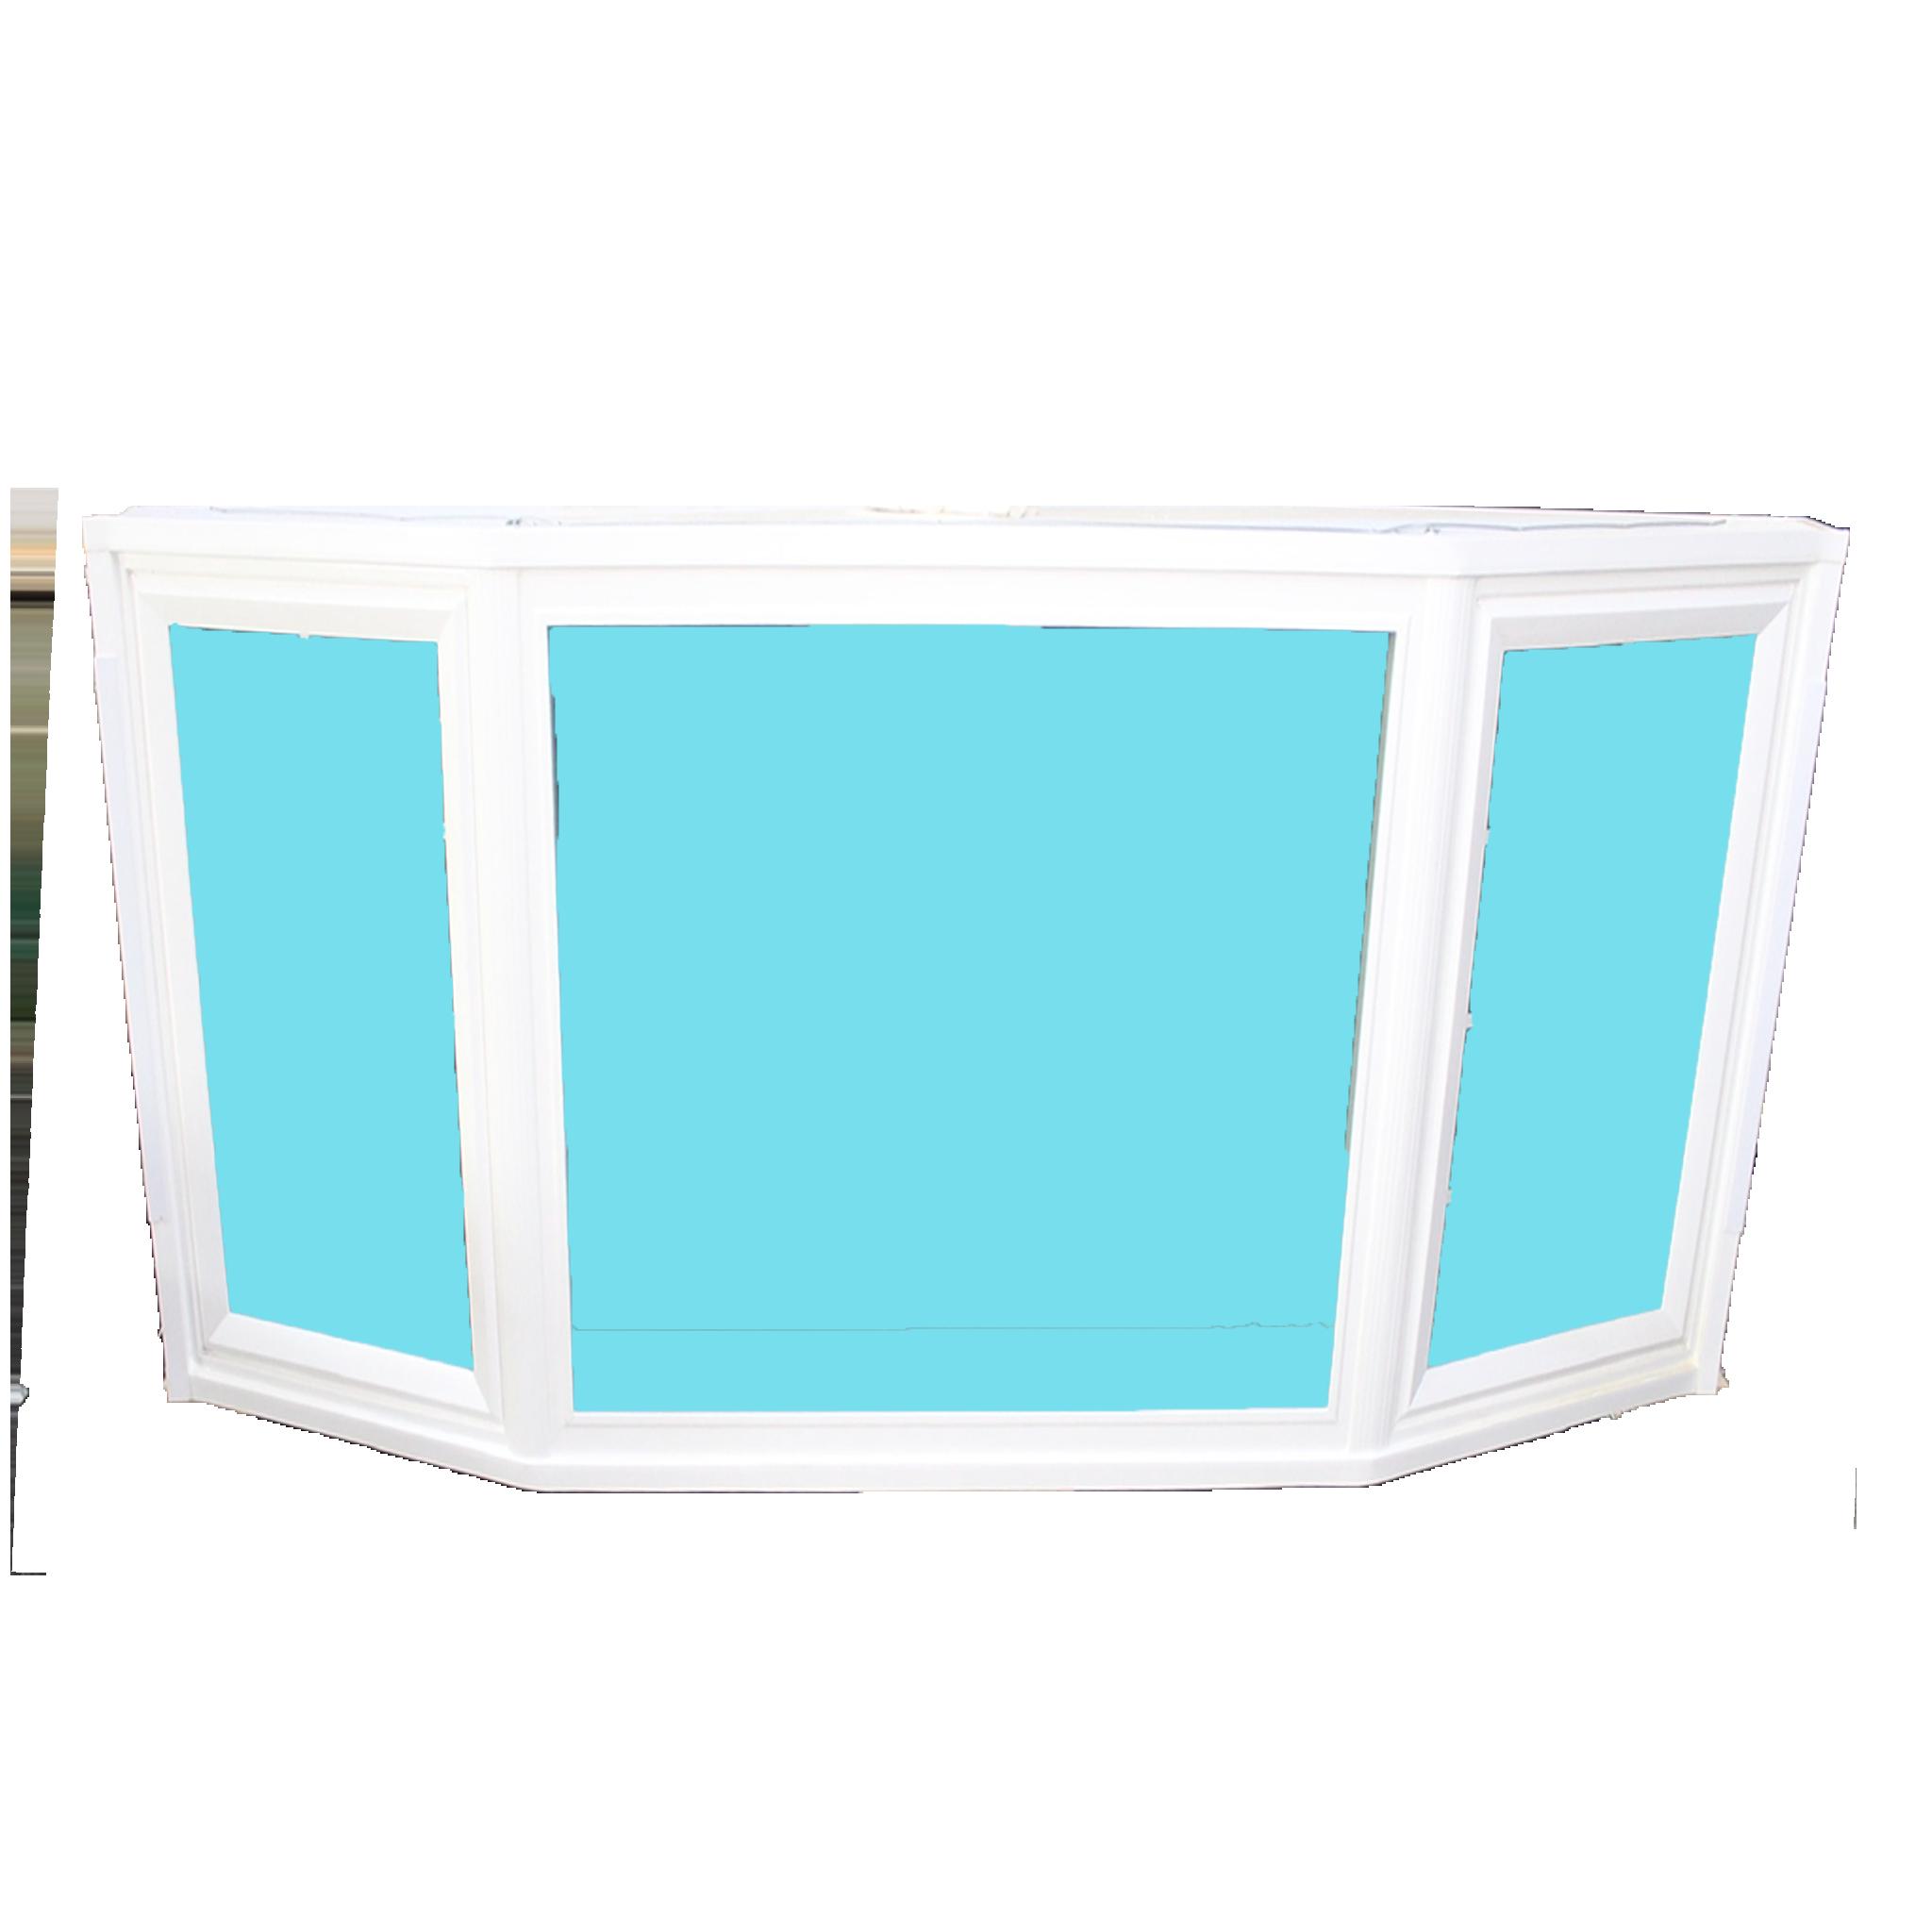 BAY – BAY WINDOW FULLY WELDED Image